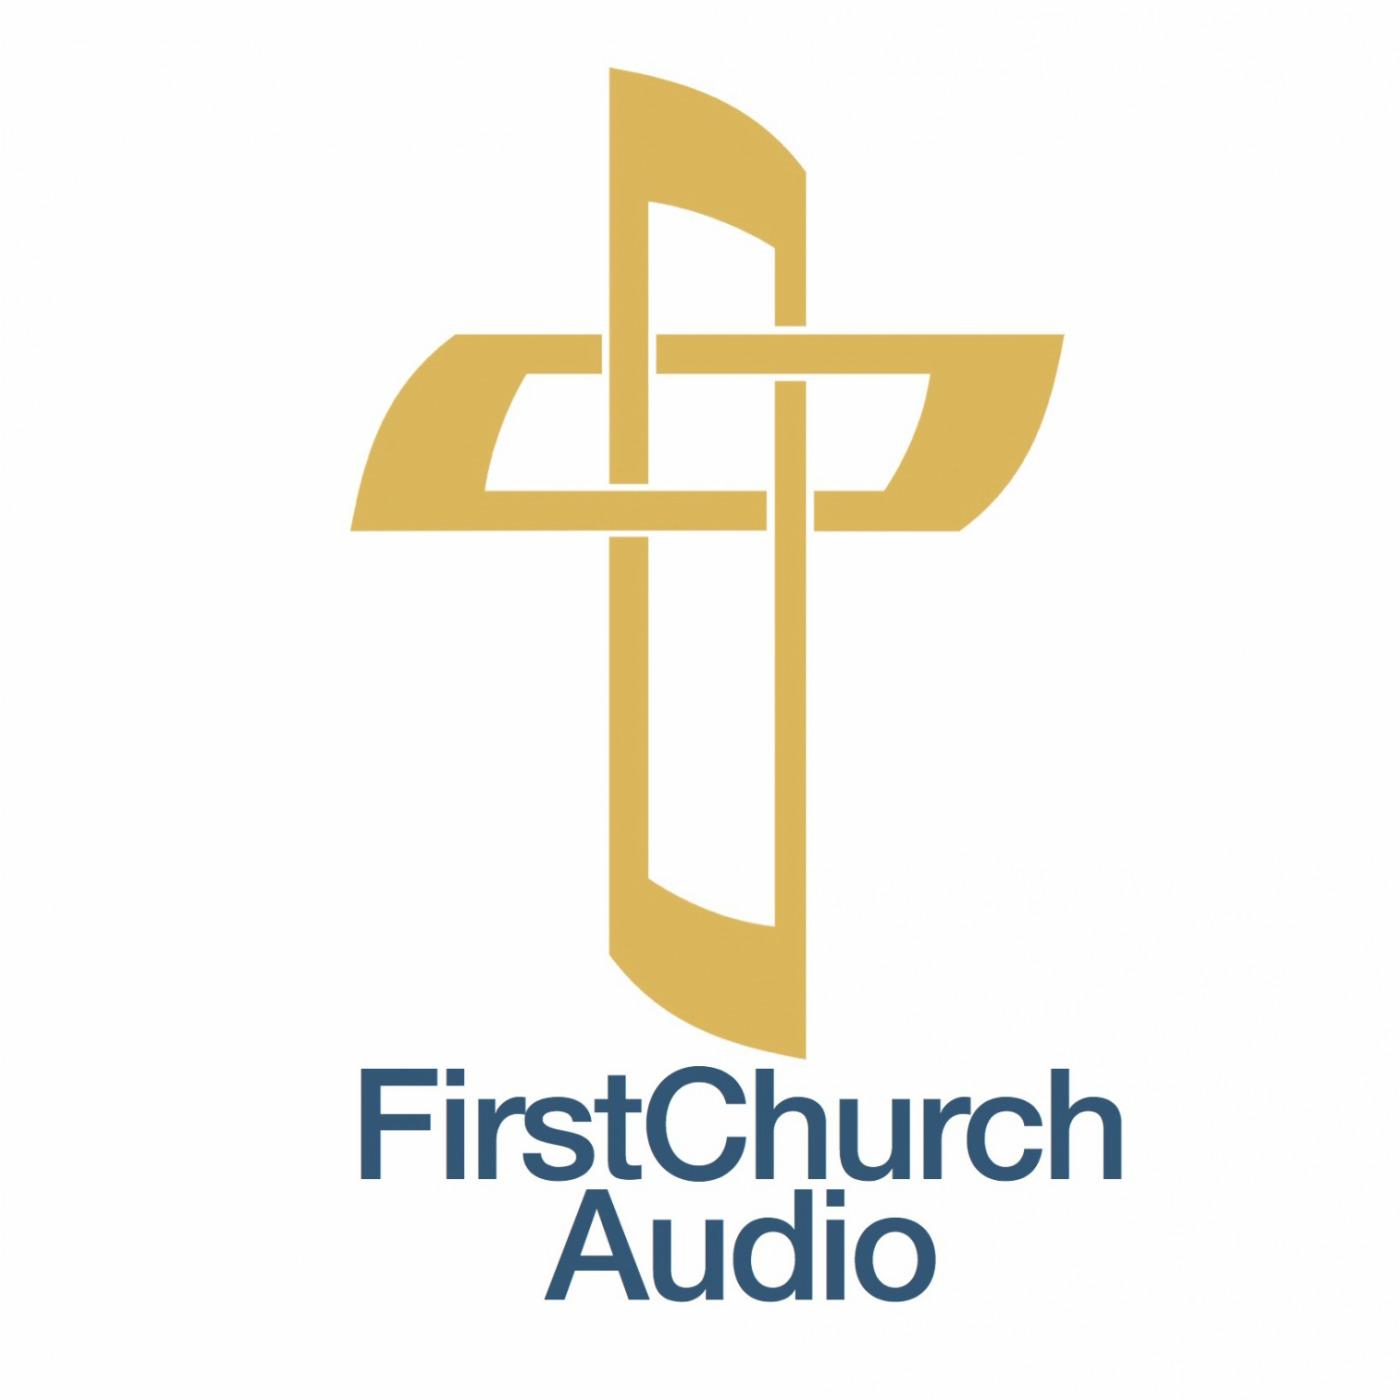 1st Church Eustis Podcast